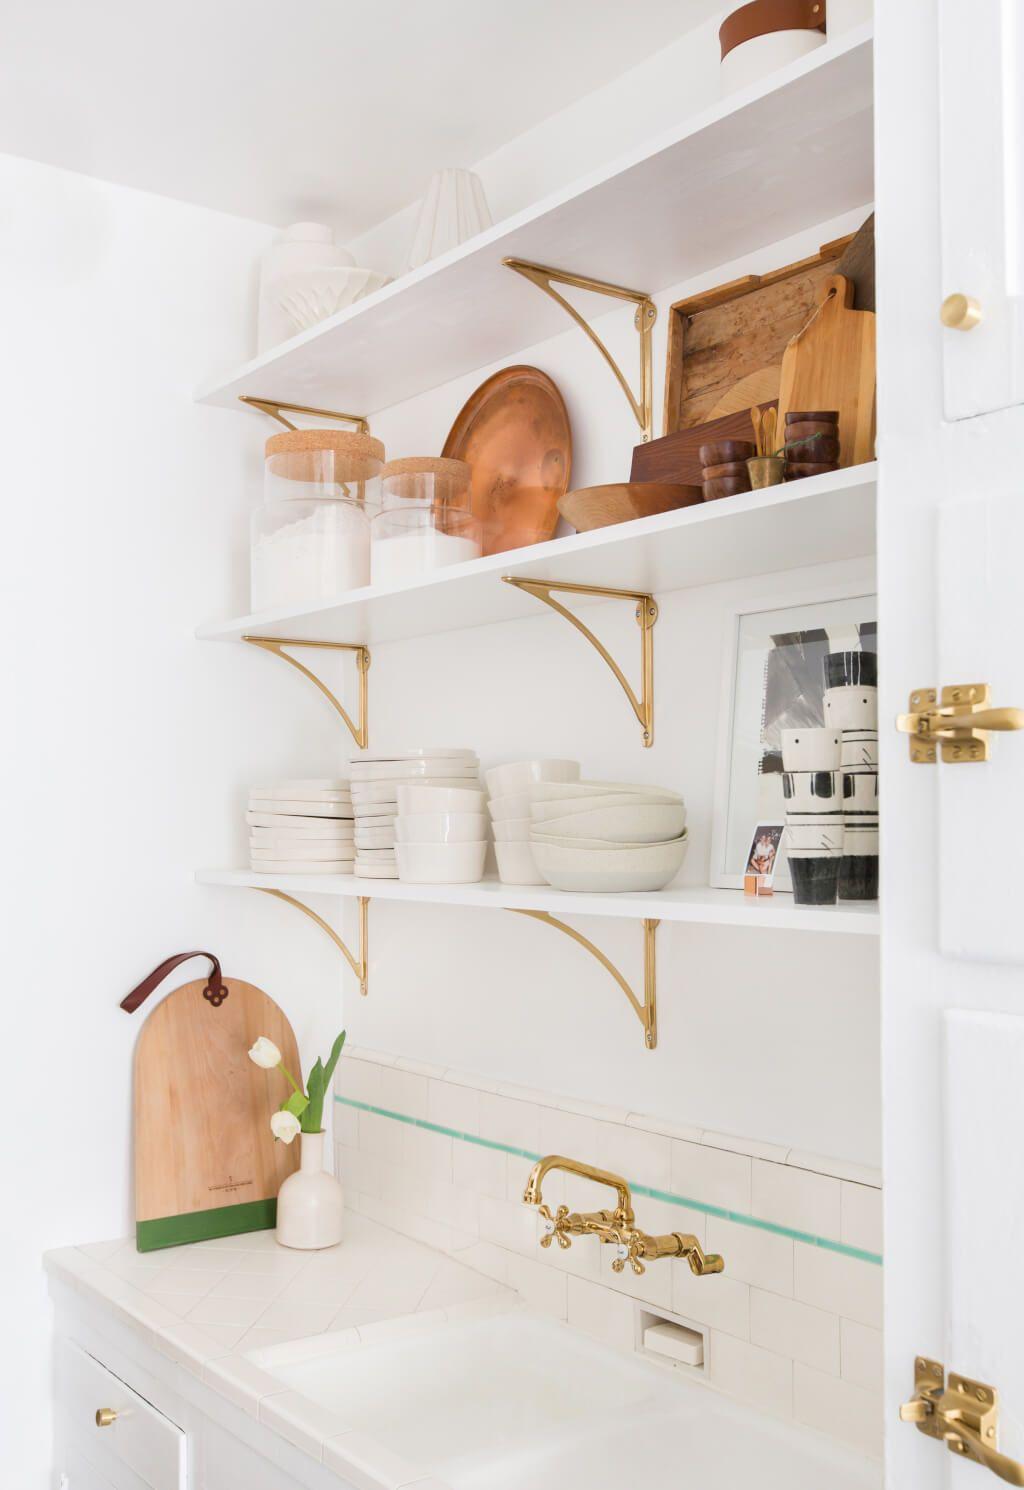 Brady S Kitchen Reveal Kitchen Shelves Shelves Home Decor